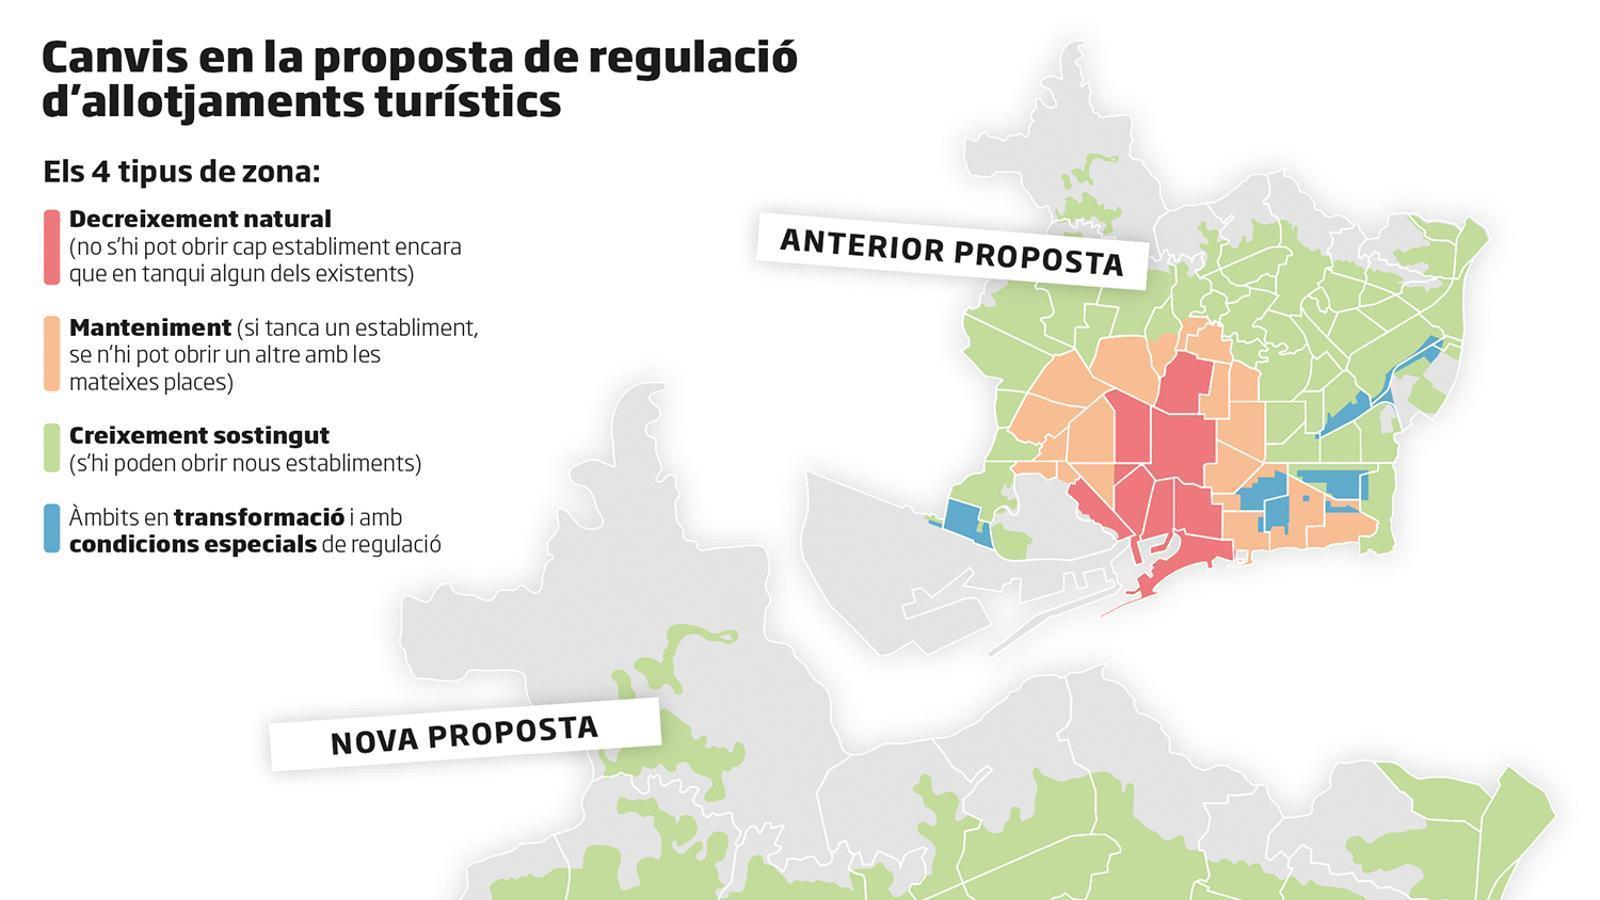 Canvis en la proposta de regulació d'allotjaments turístics de Barcelona